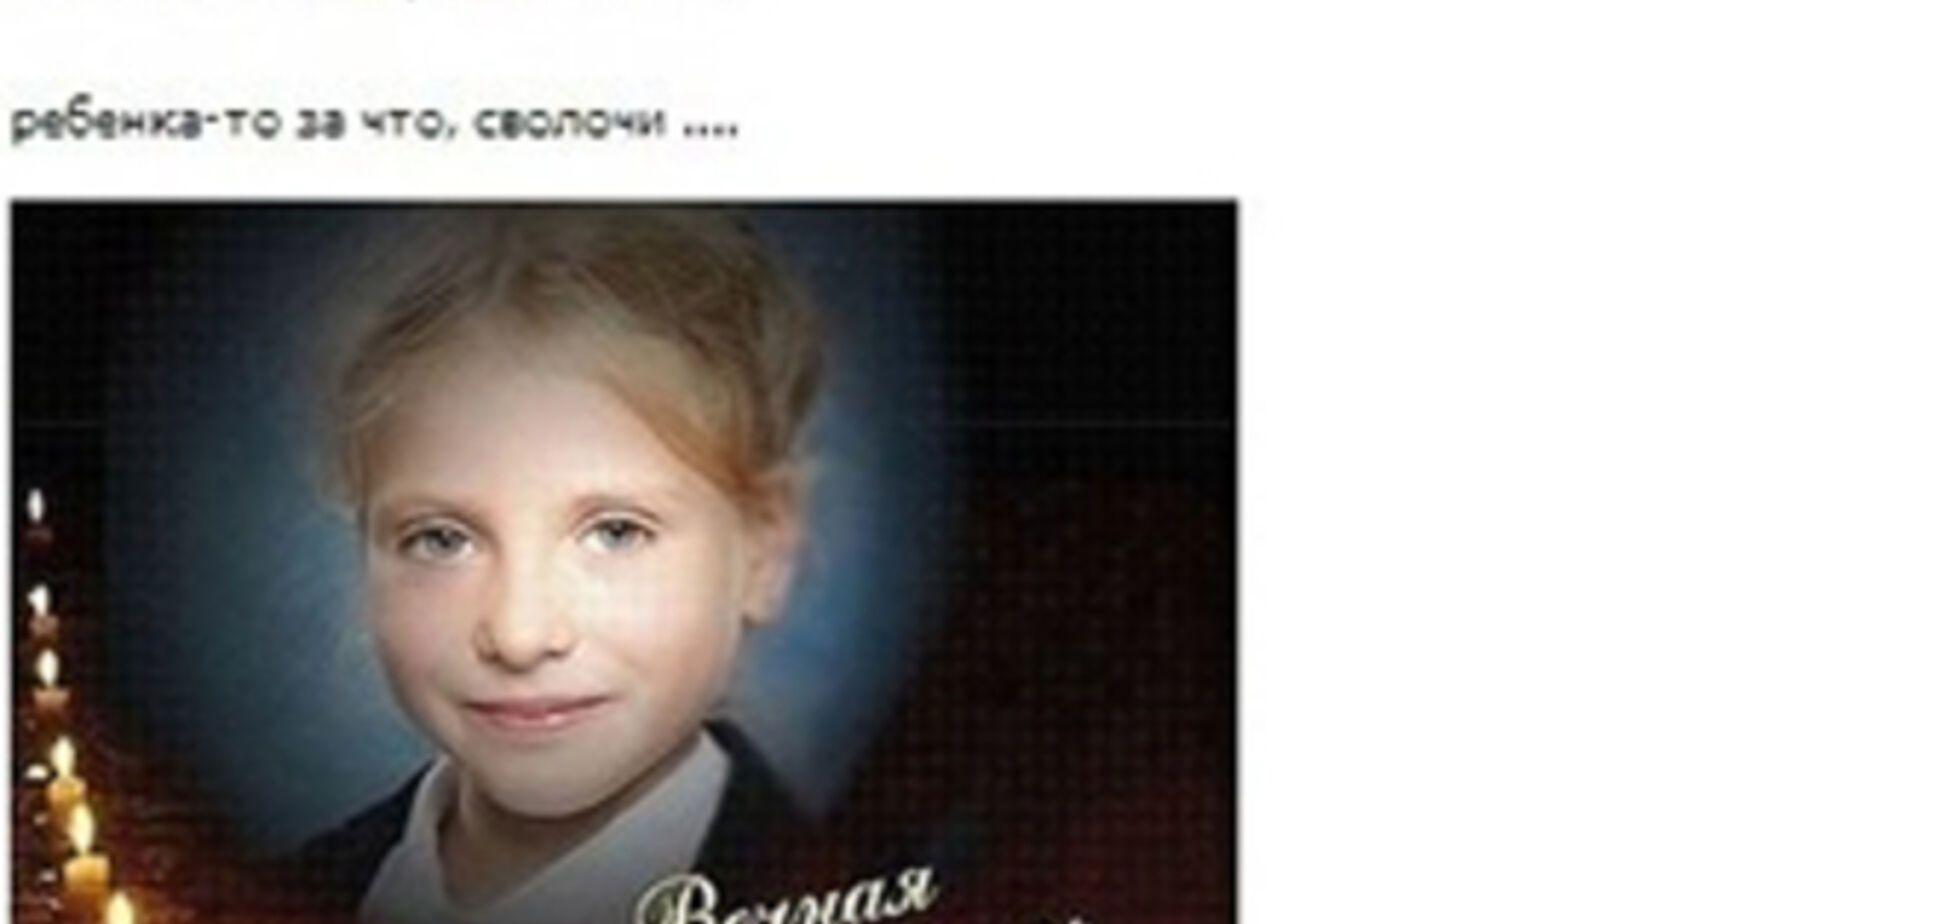 Фото российской девочки, погибшей от рук таксиста, выдают за жертву АТО в Славянске